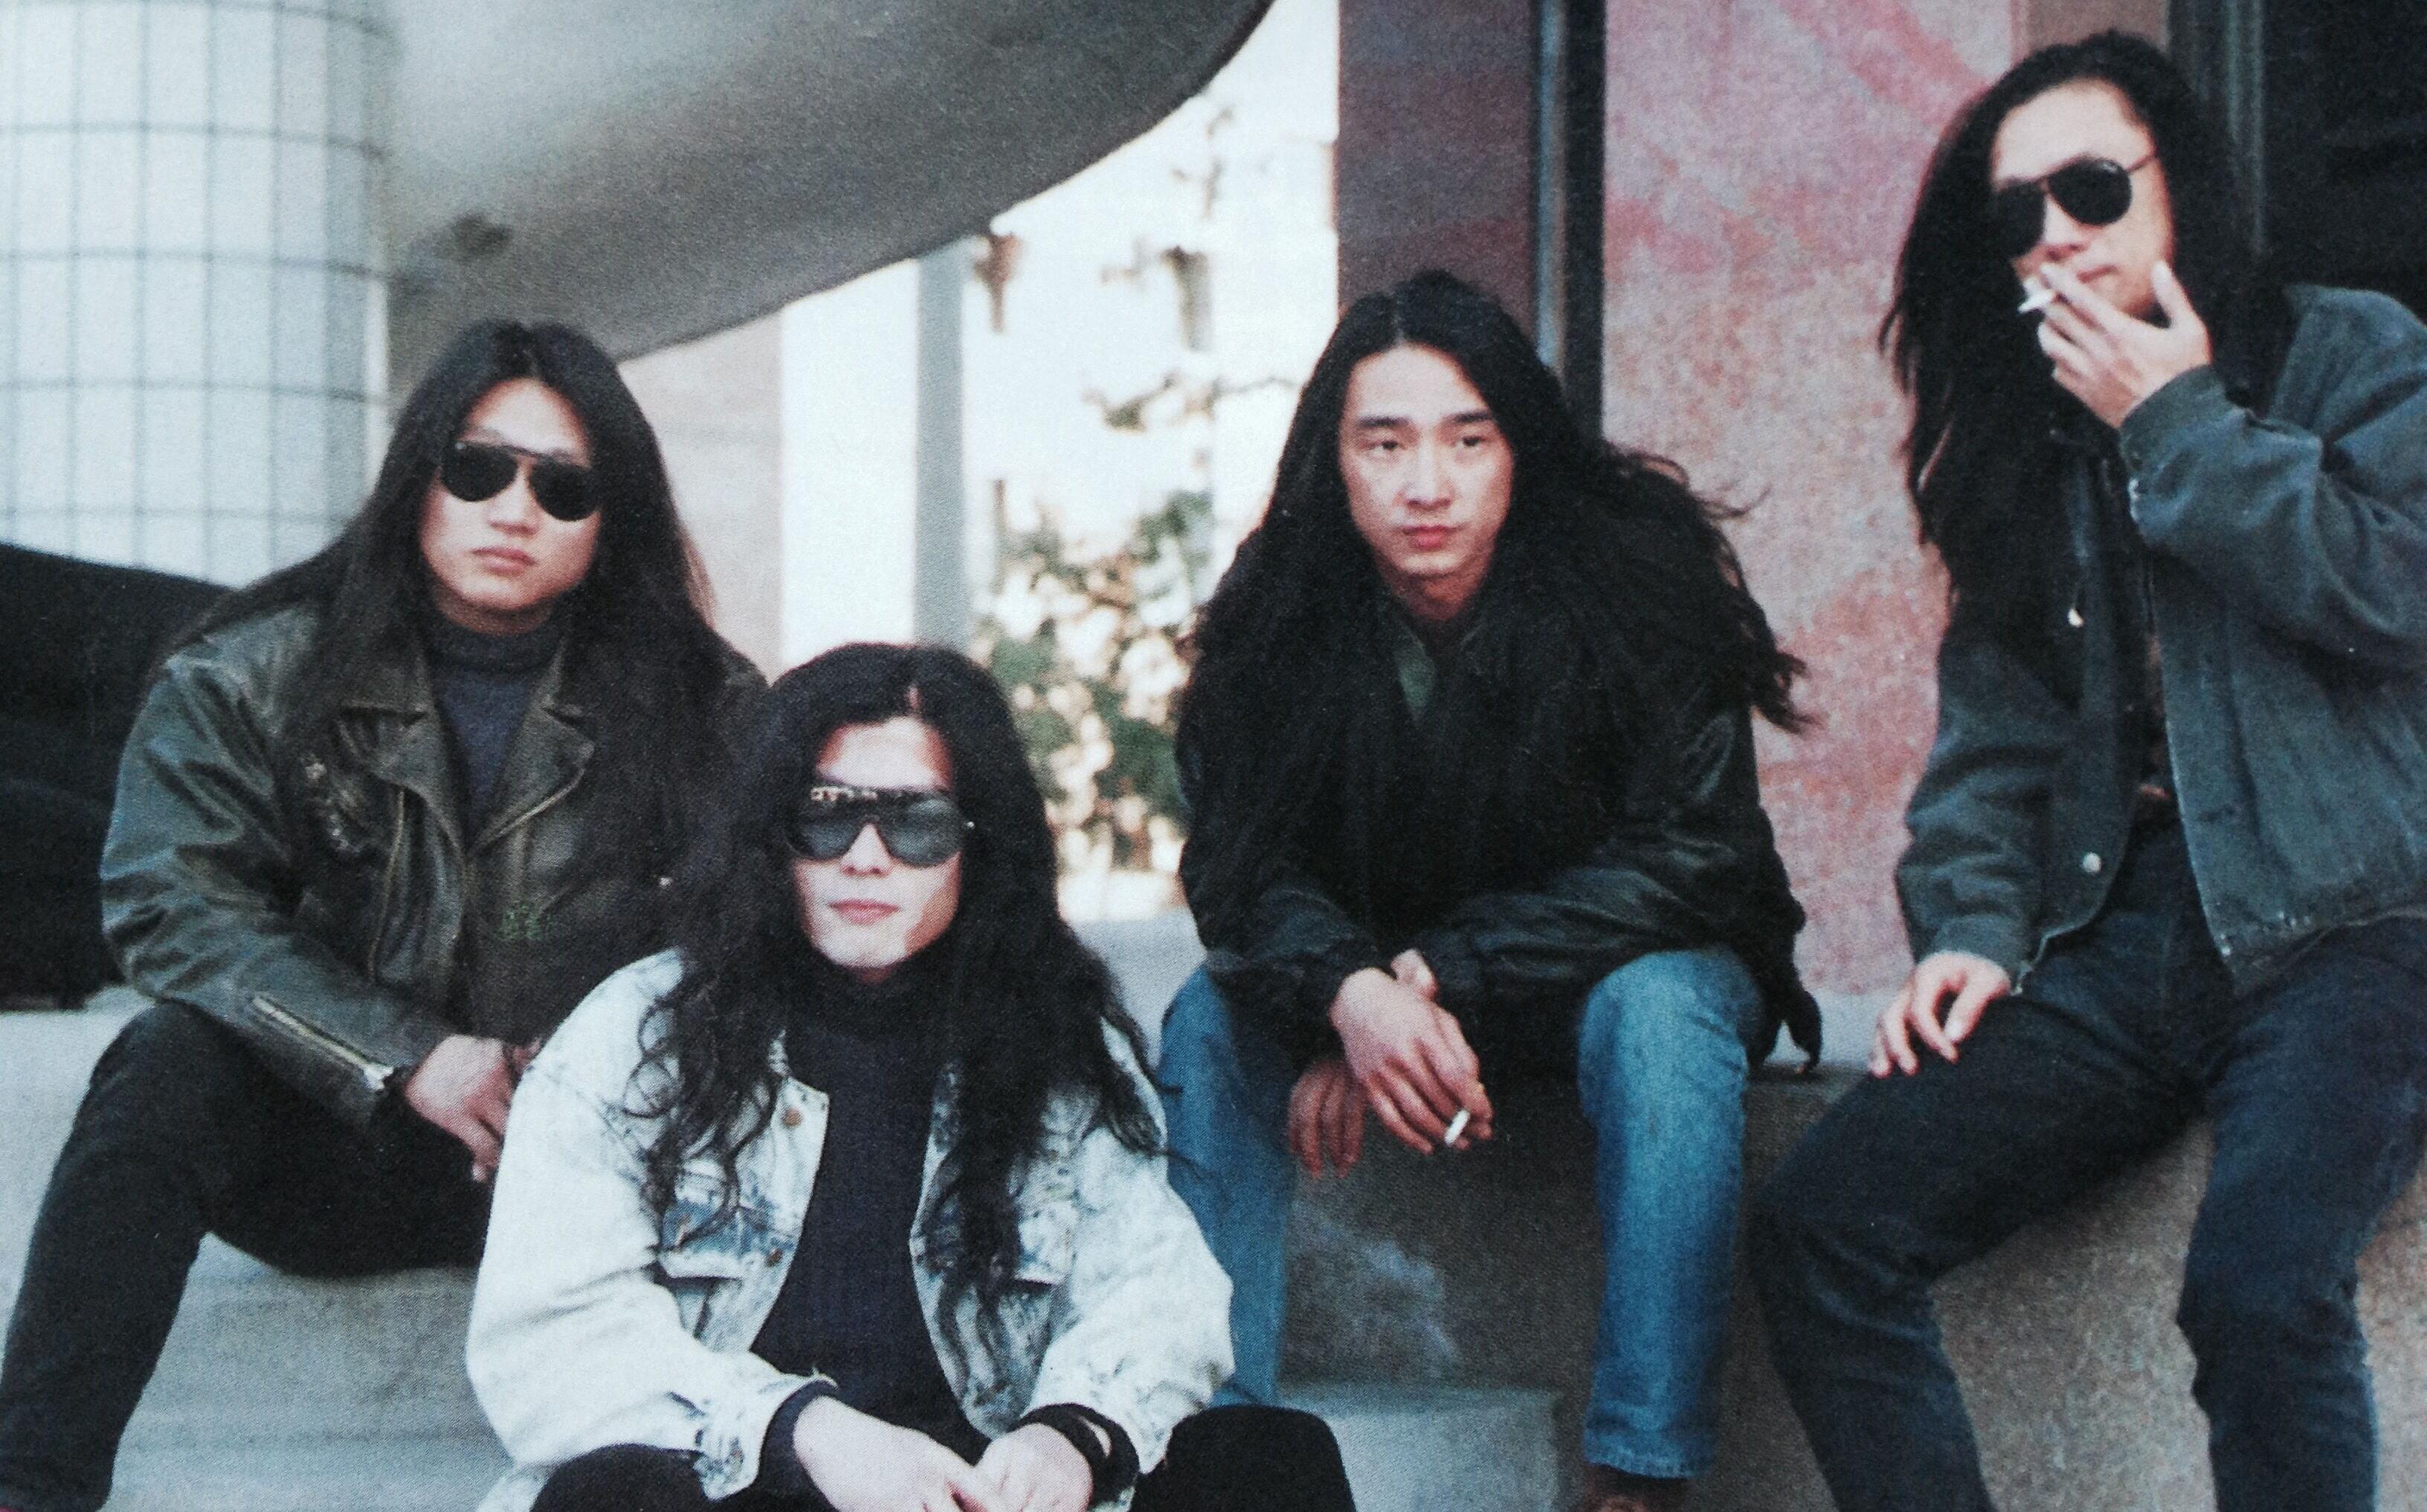 1994中国摇滚乐势力_唐朝乐队的全部相关视频_bilibili_哔哩哔哩弹幕视频网